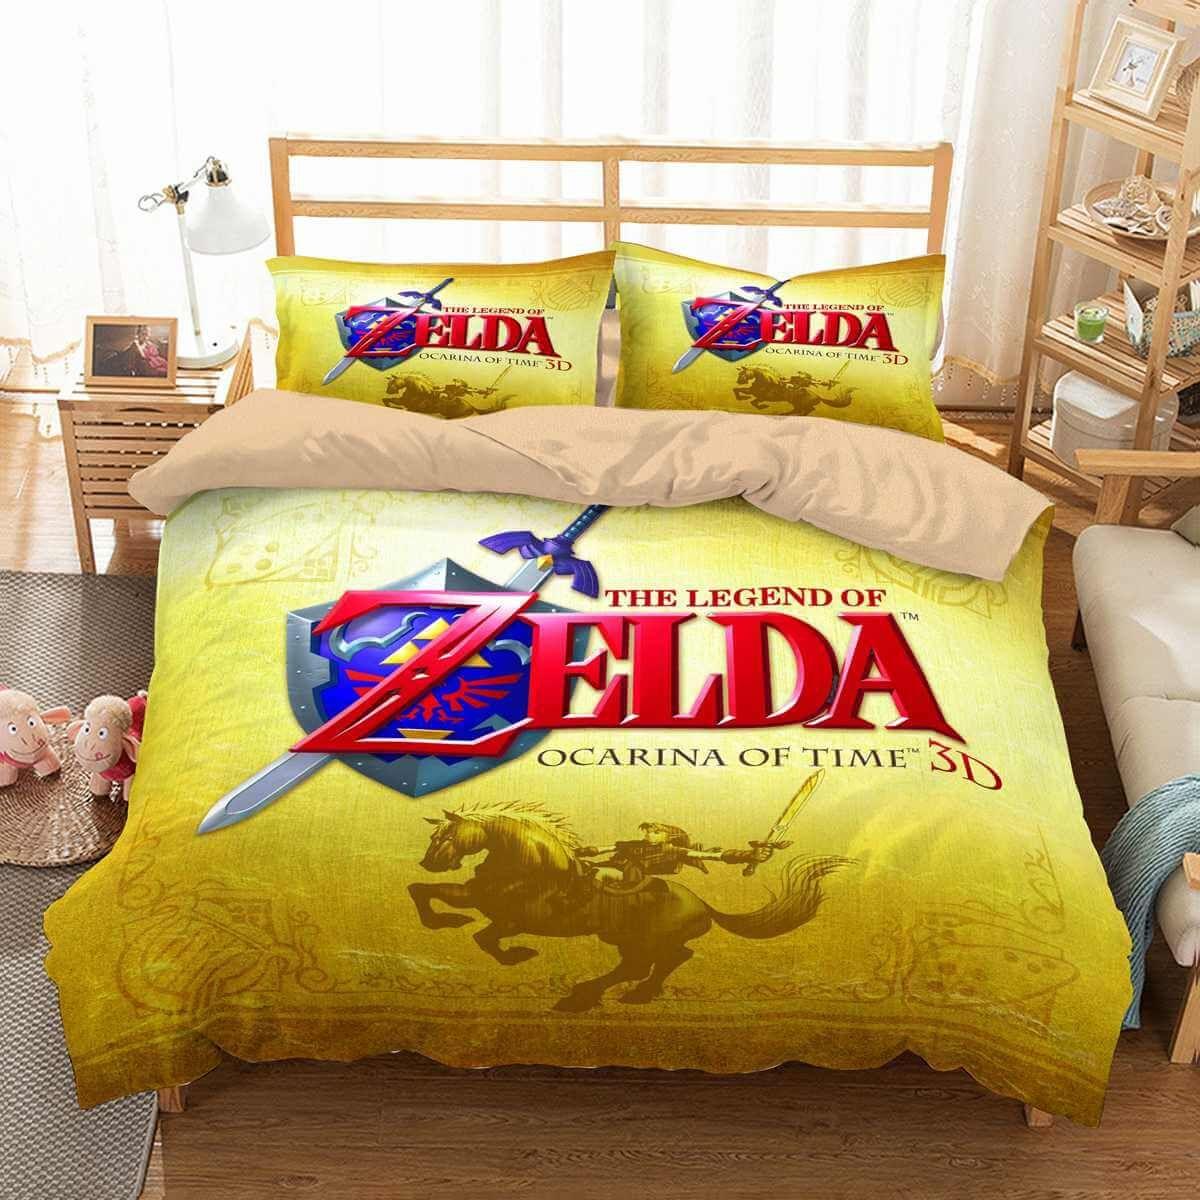 030c3e2bdce8 3D Customize The Legend of Zelda Bedding Set Duvet Cover Set Bedroom Set  Bedlinen